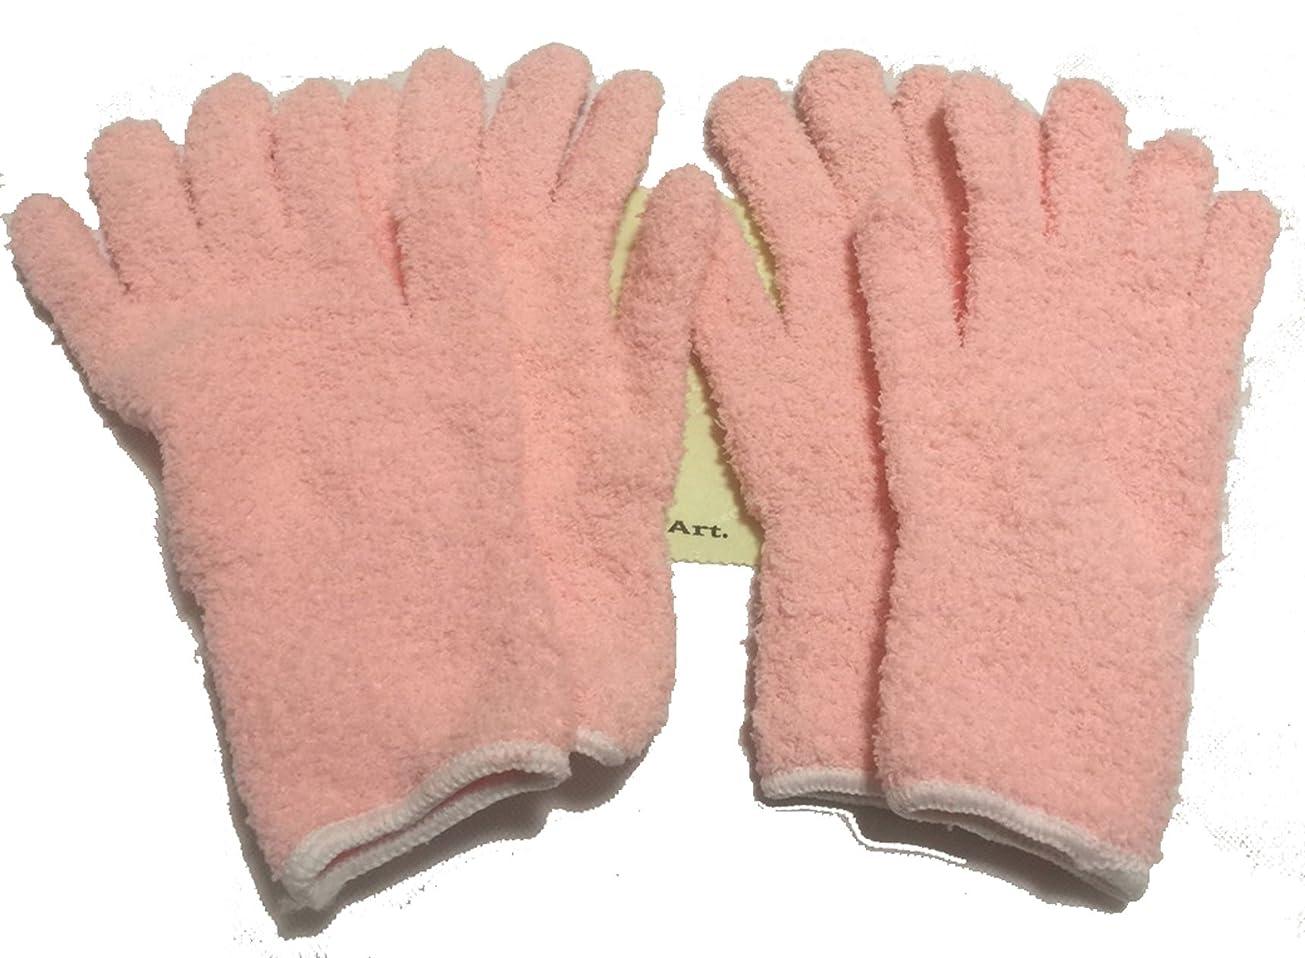 積極的に征服者ムスタチオ手袋タオル 日本製 ヘアドライ 手袋 マイクロファイバーグローブ 即乾 吸水 髪 ドライヤータオル ふわふわ 柔らか【Art.アートドット】 (4枚, ピンク)